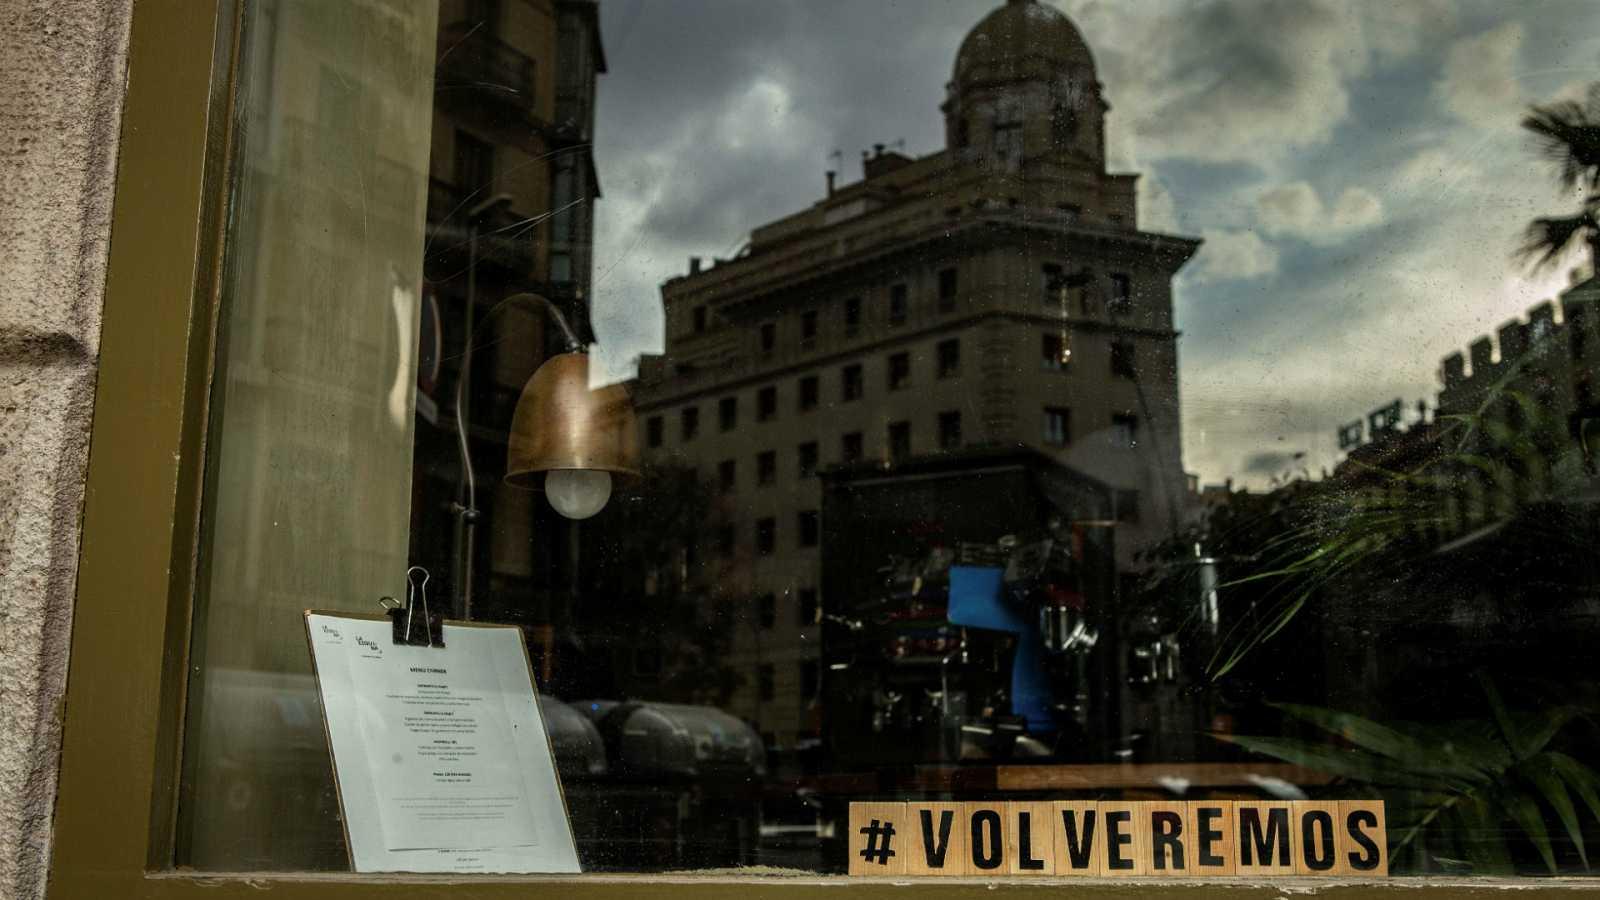 14 horas - Los bares y restaurantes de Cataluña podrán abrir hasta las 21.30 a partir del lunes - Escuchar ahora